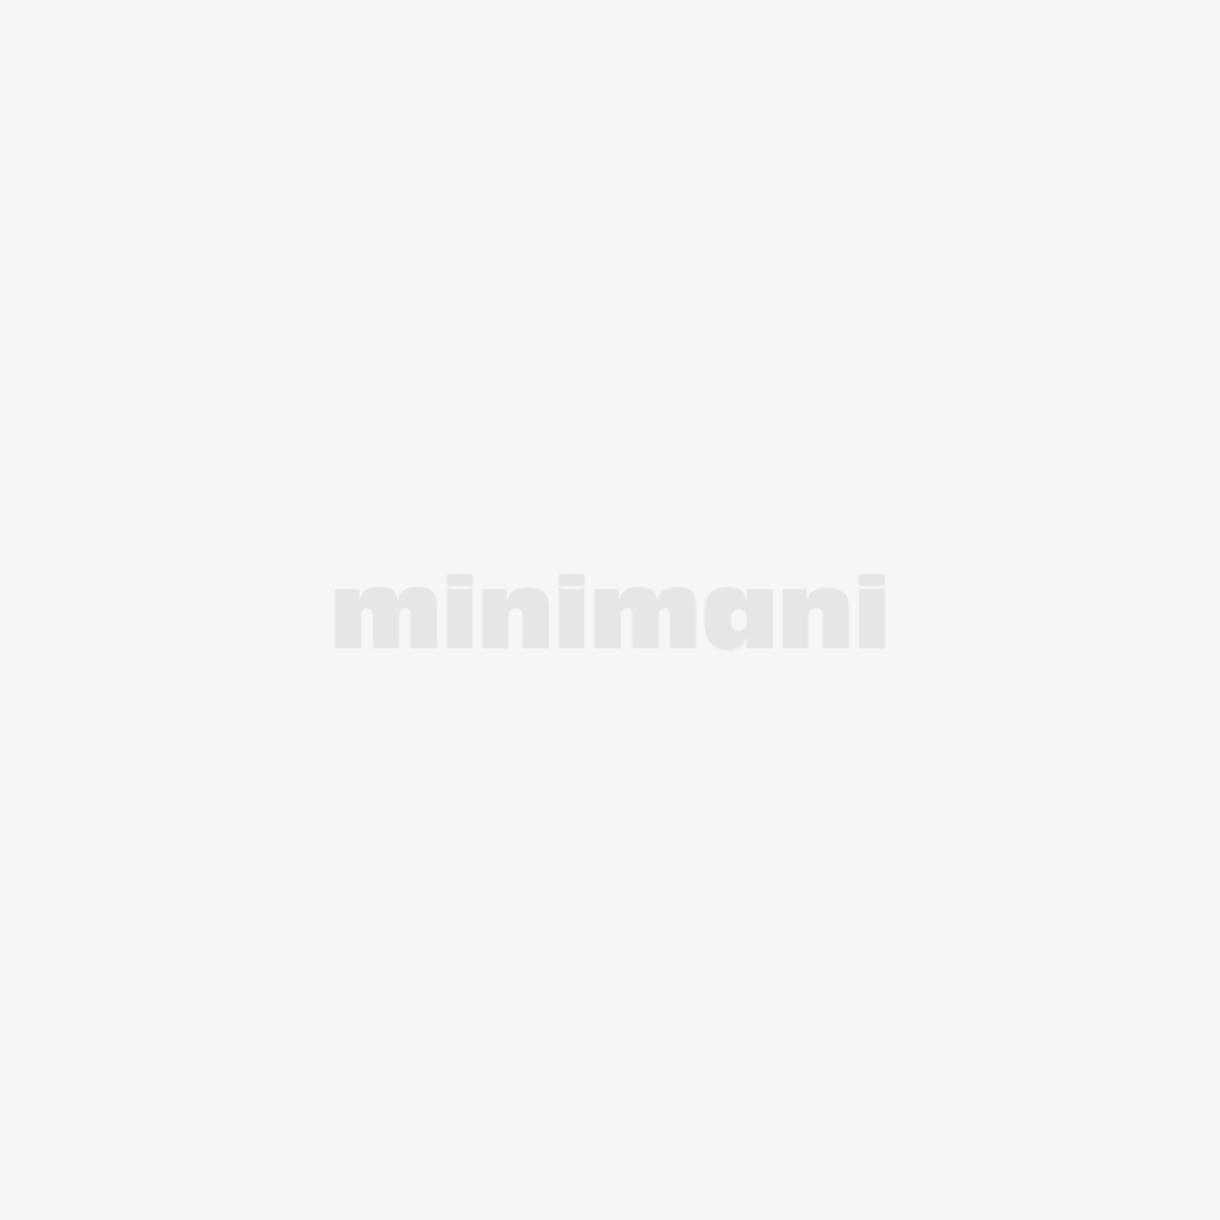 AIRAM MINNI 20 LANKAPALLOT, CHILI, 3 X AA + TIMER